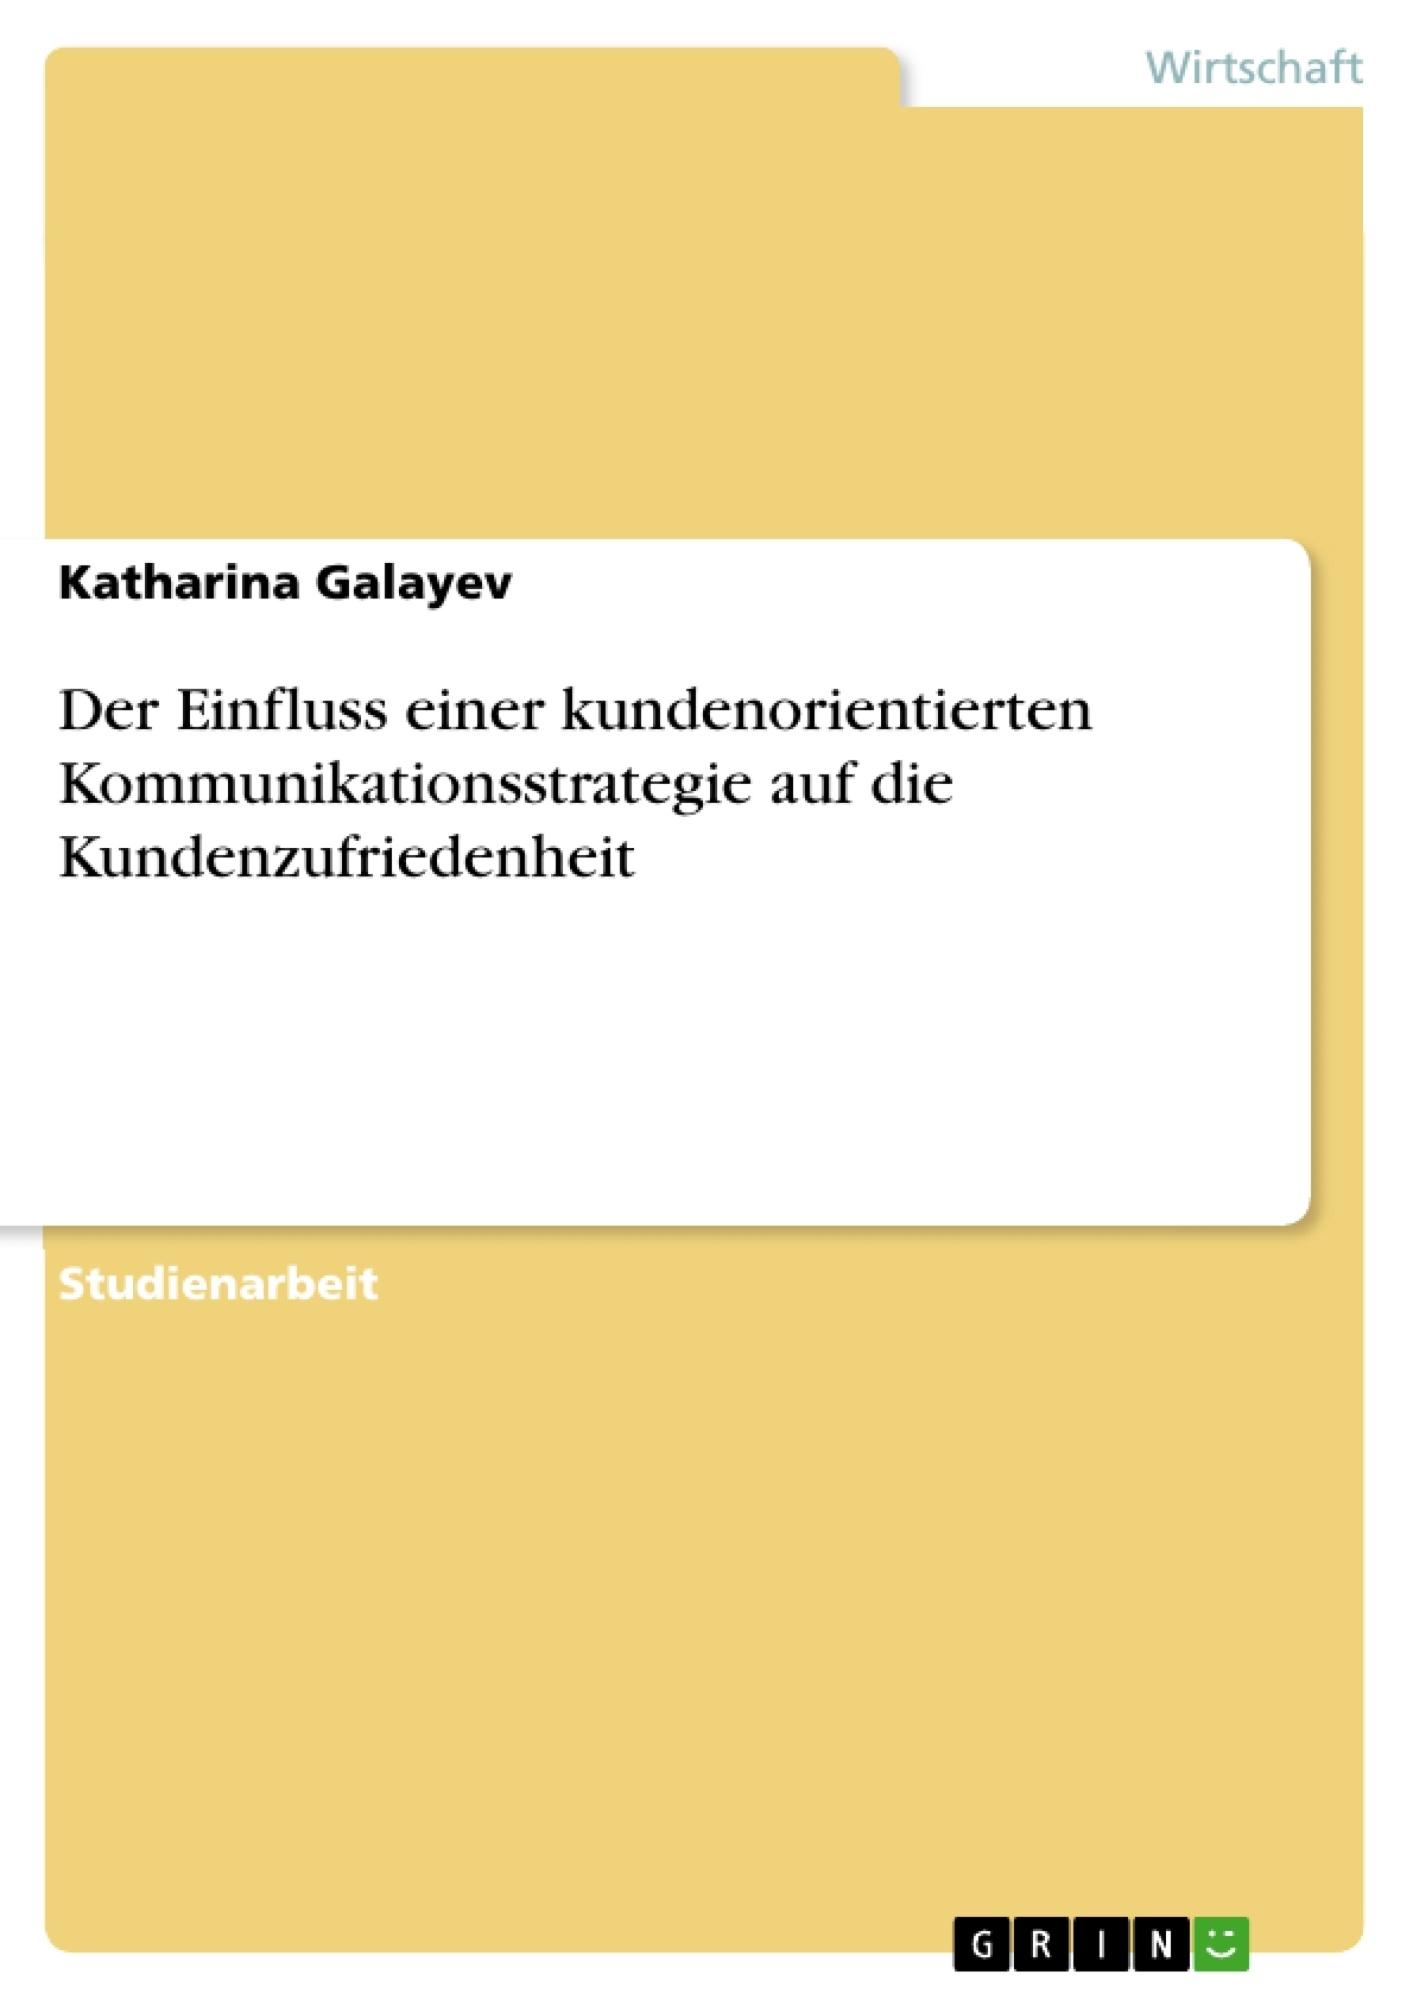 Titel: Der Einfluss einer kundenorientierten Kommunikationsstrategie auf die Kundenzufriedenheit